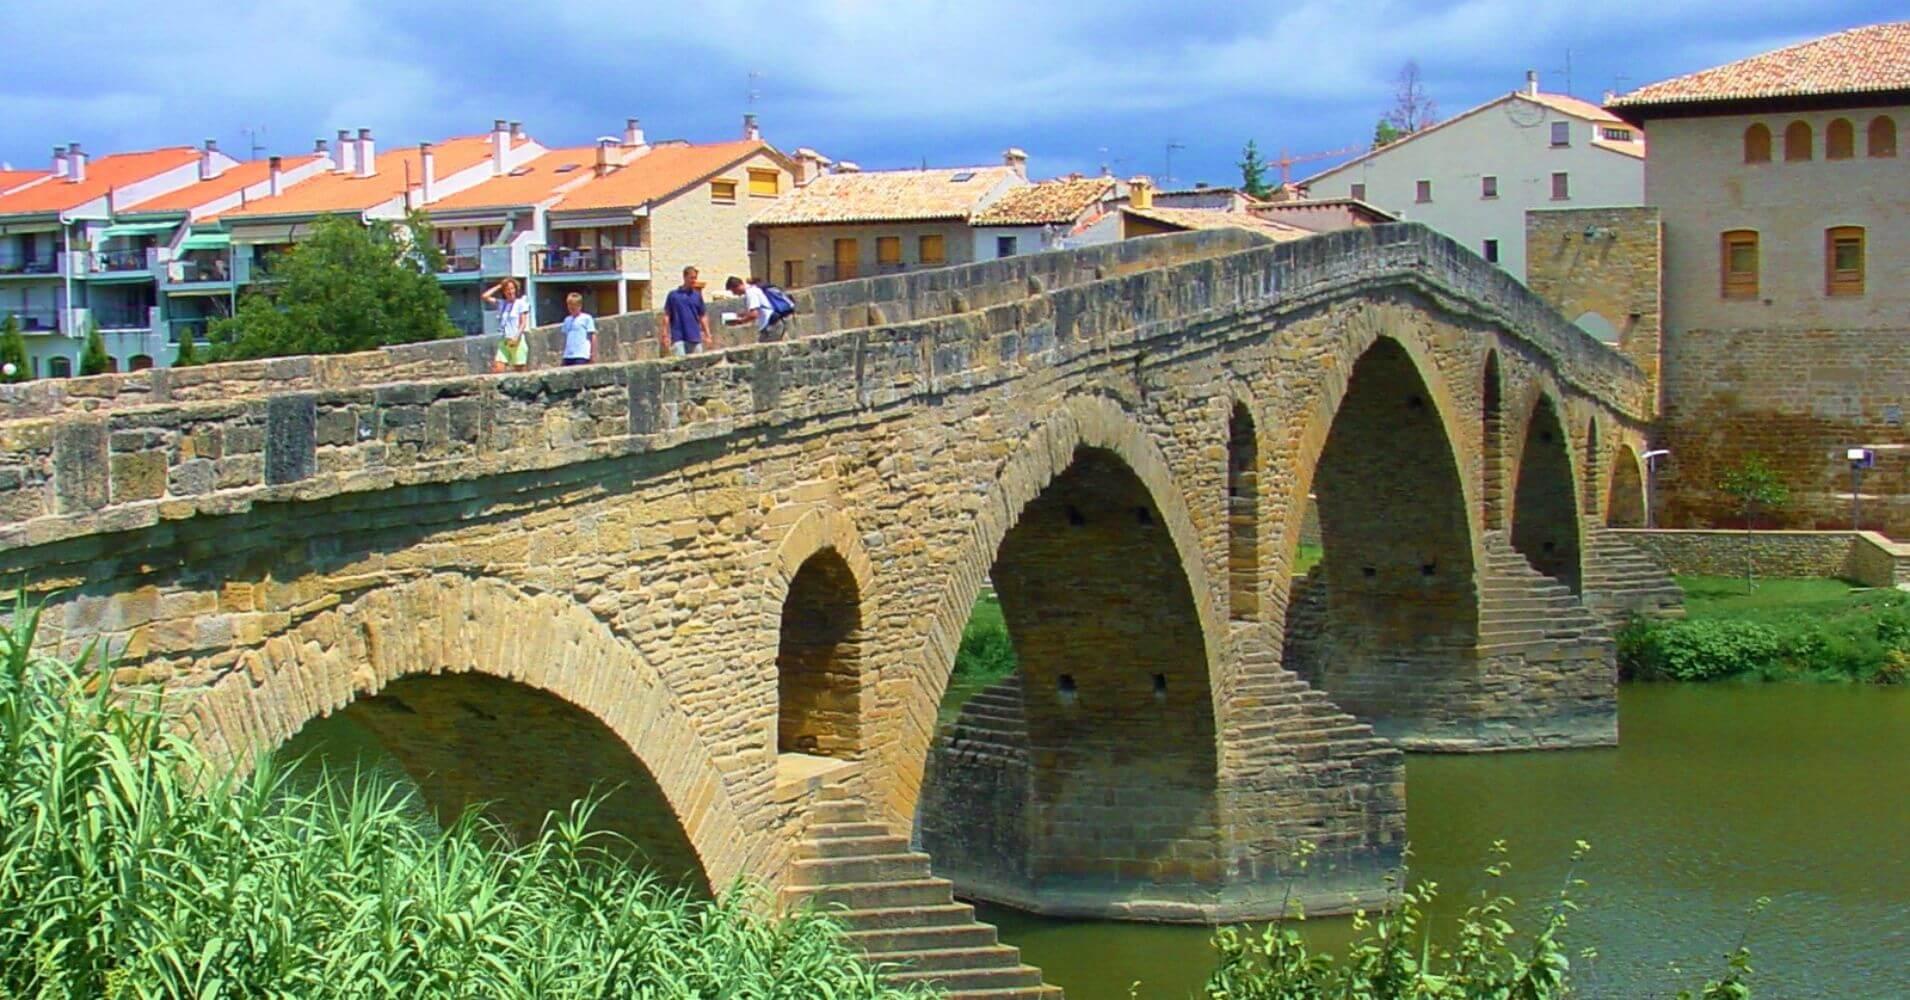 Puente la Reina. Camino de Santiago, Navarra.